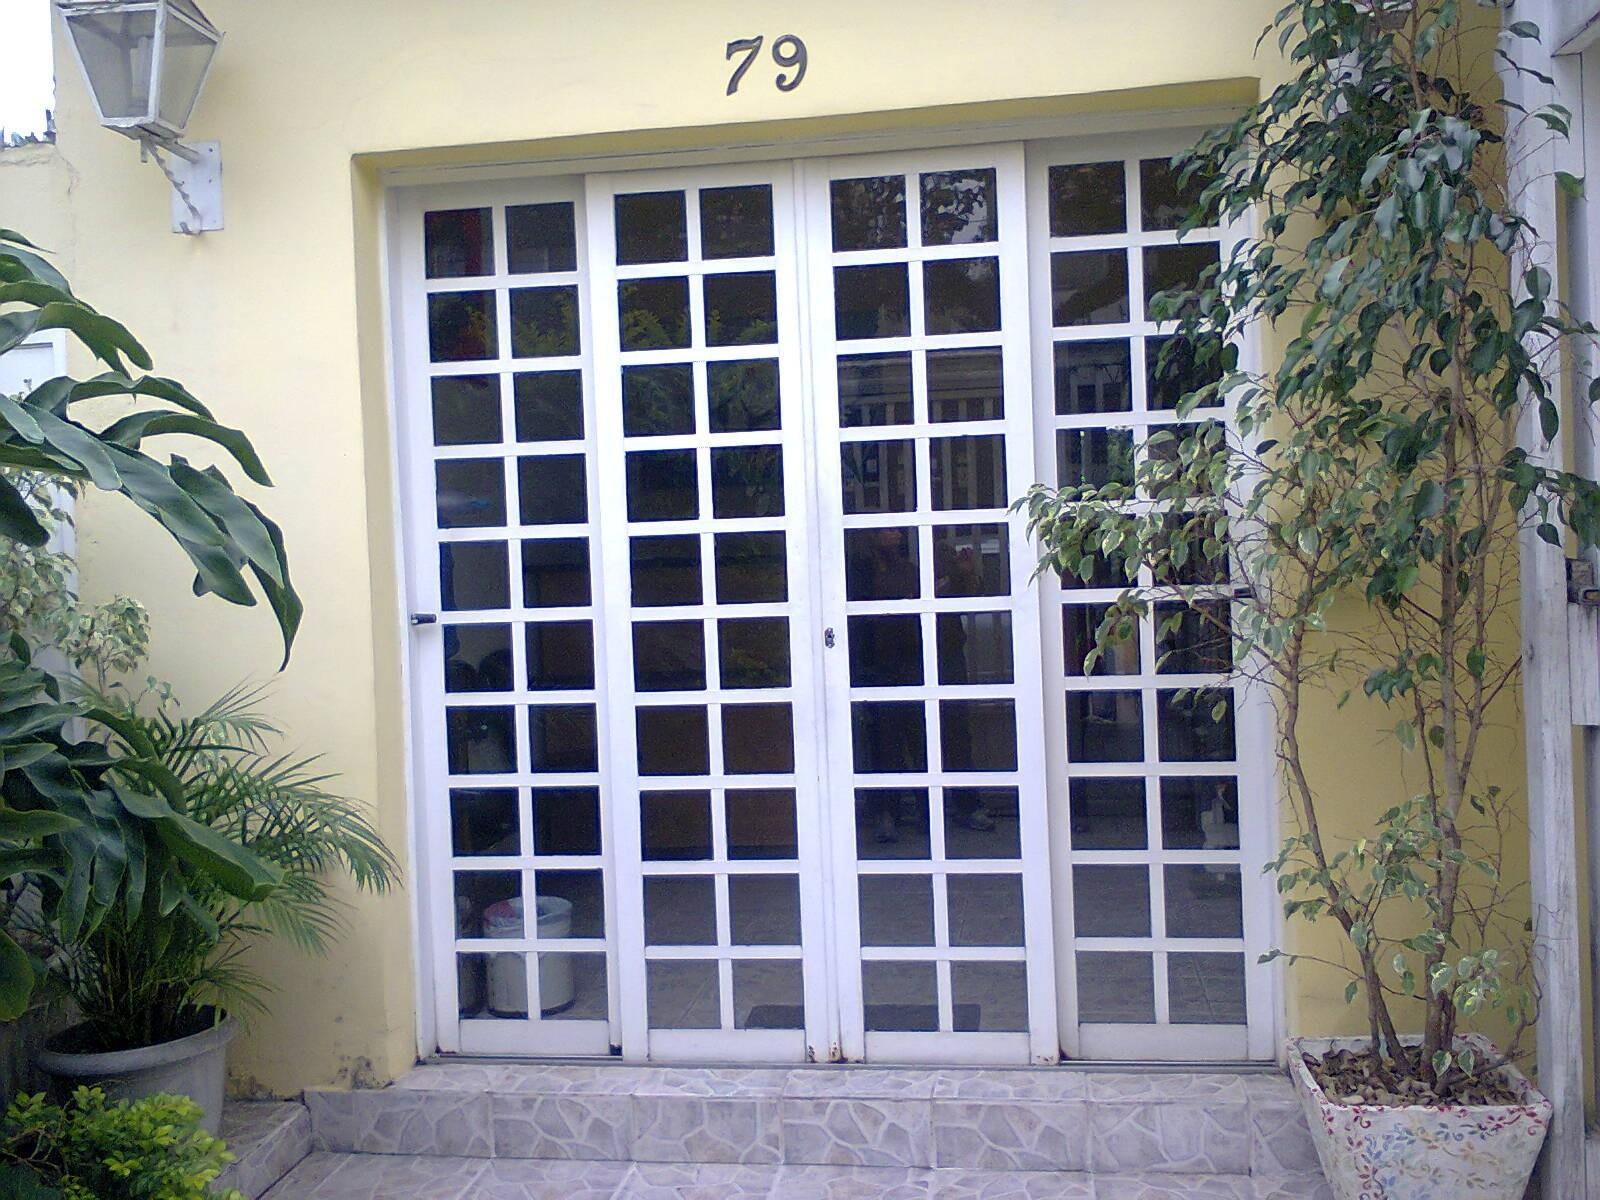 comprar ou alugar casa no bairro santo amaro na cidade de sao paulo-sp